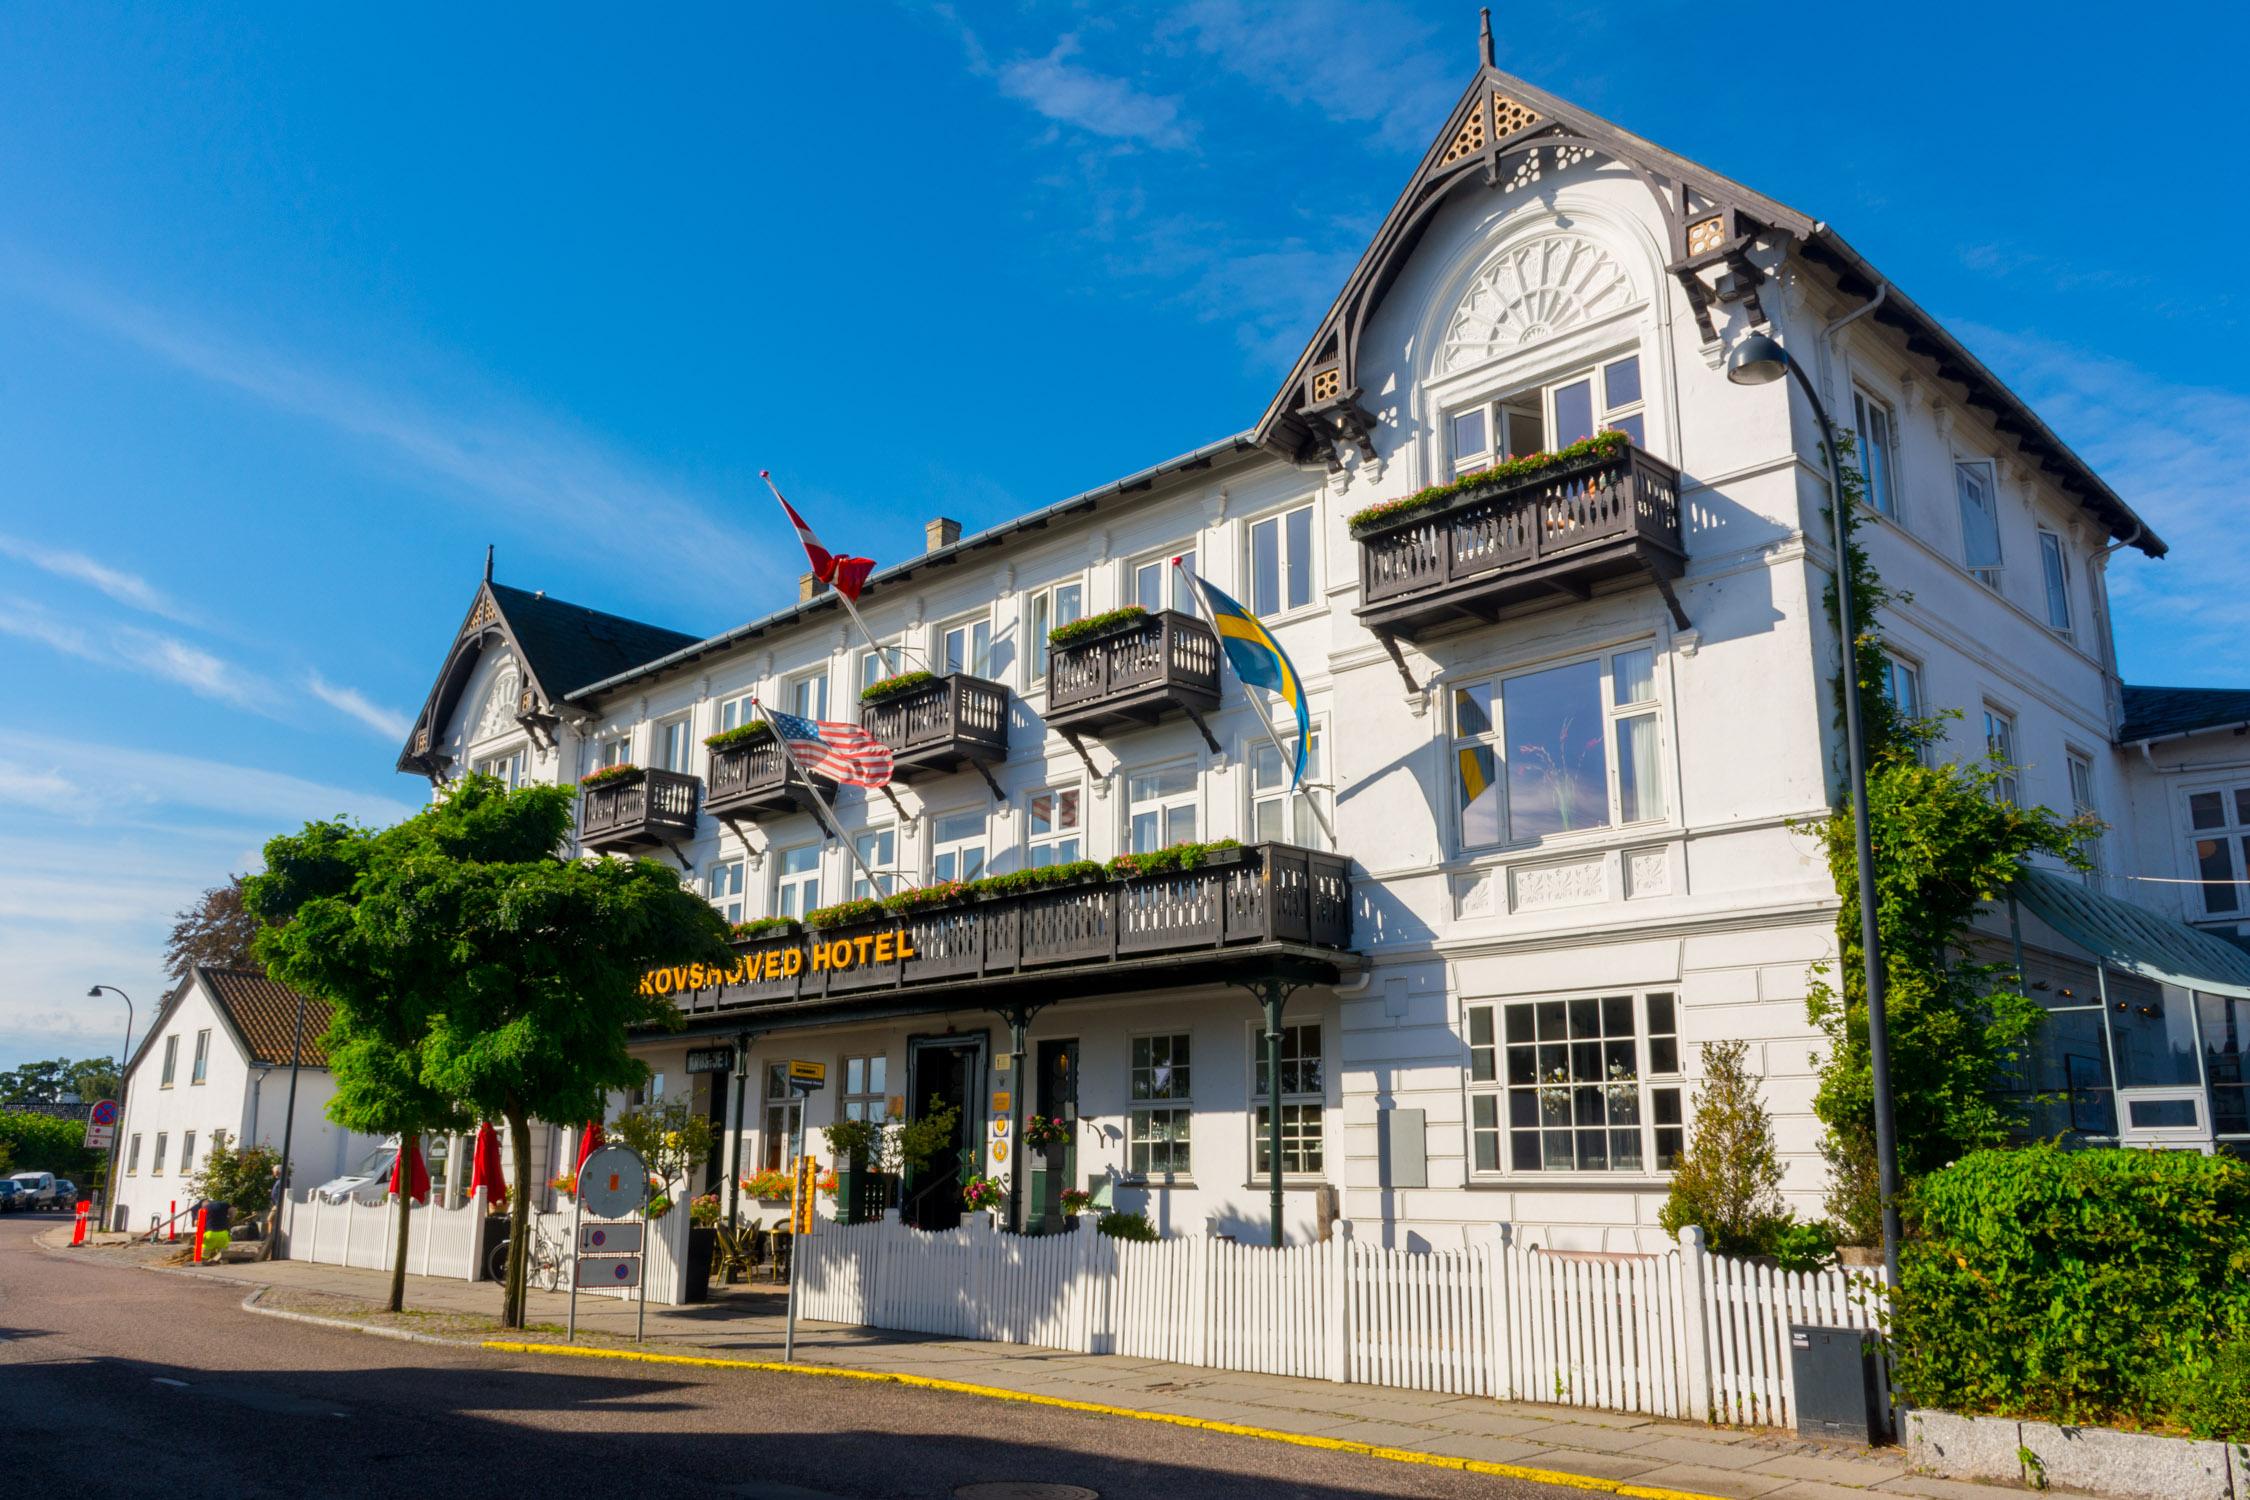 The facade of Skovshoved Hotel